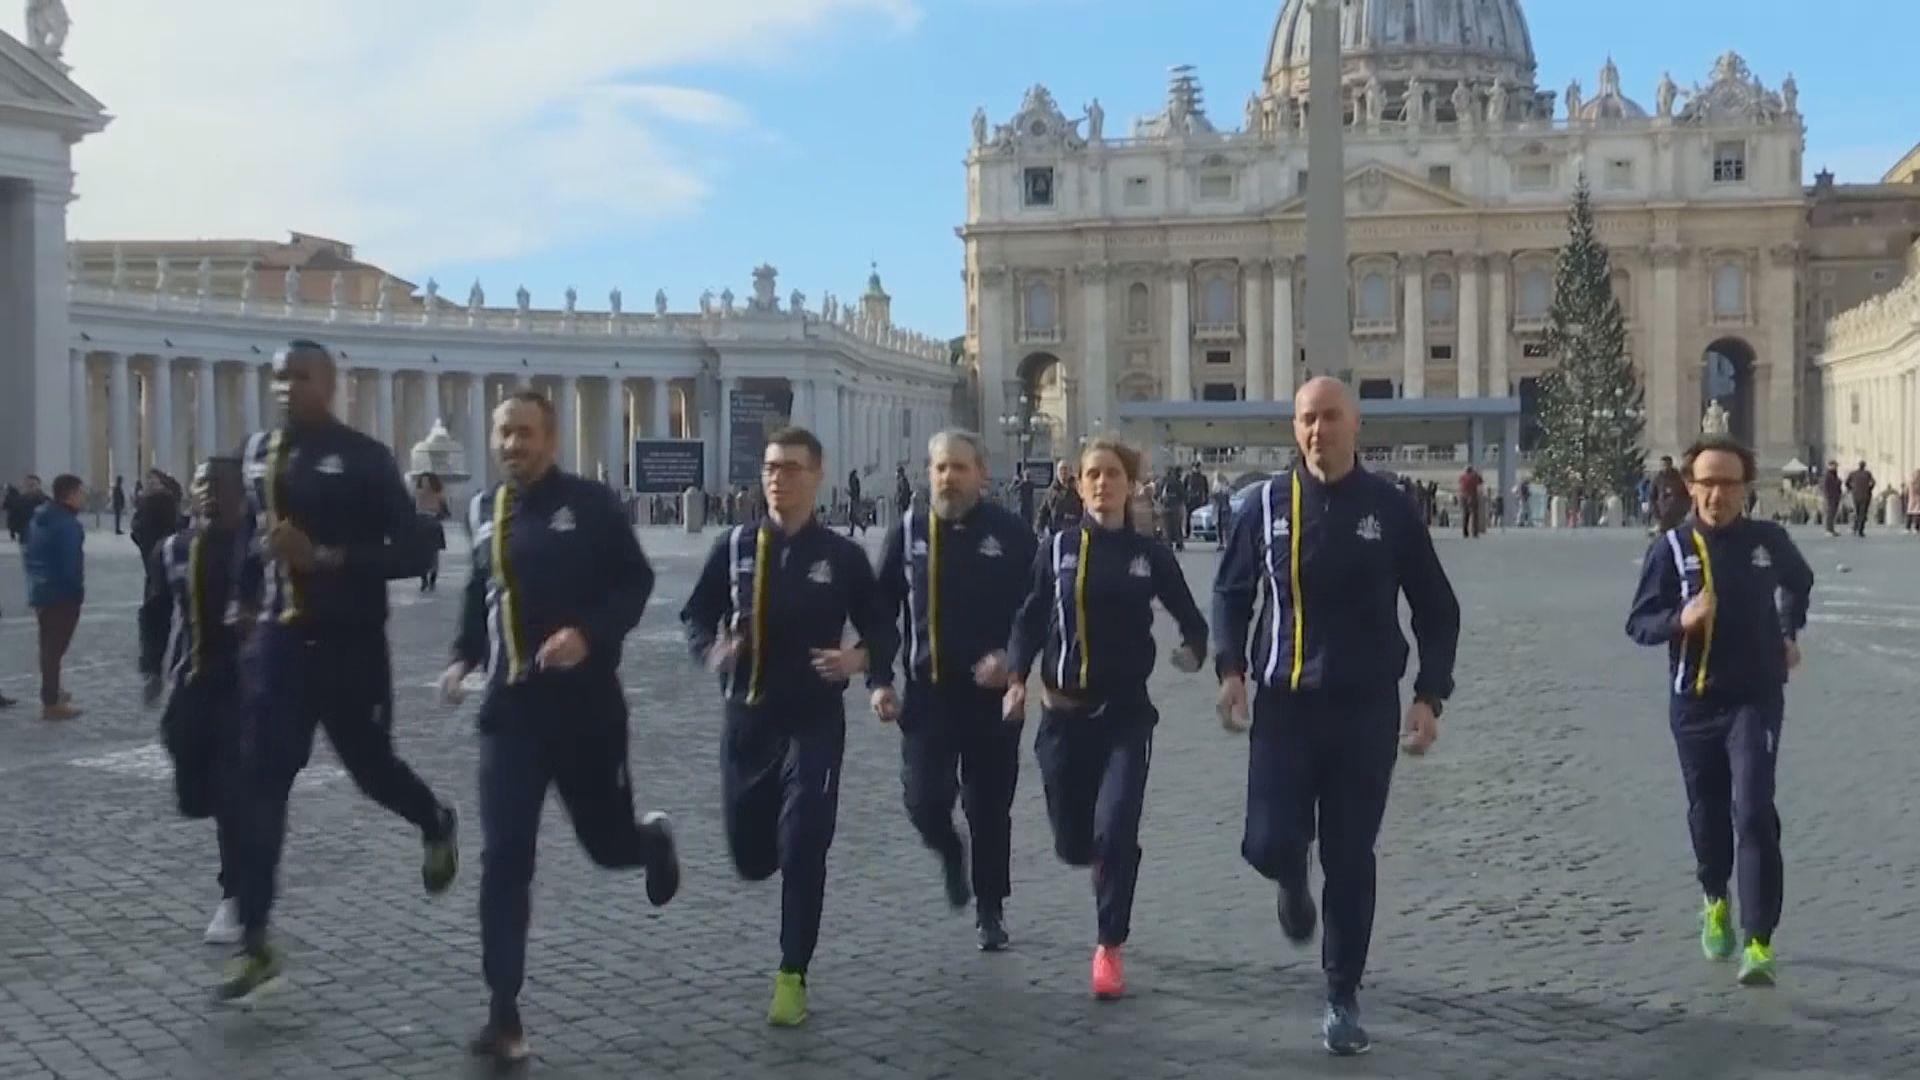 【環球薈報】梵蒂岡成立首支官方體育隊伍